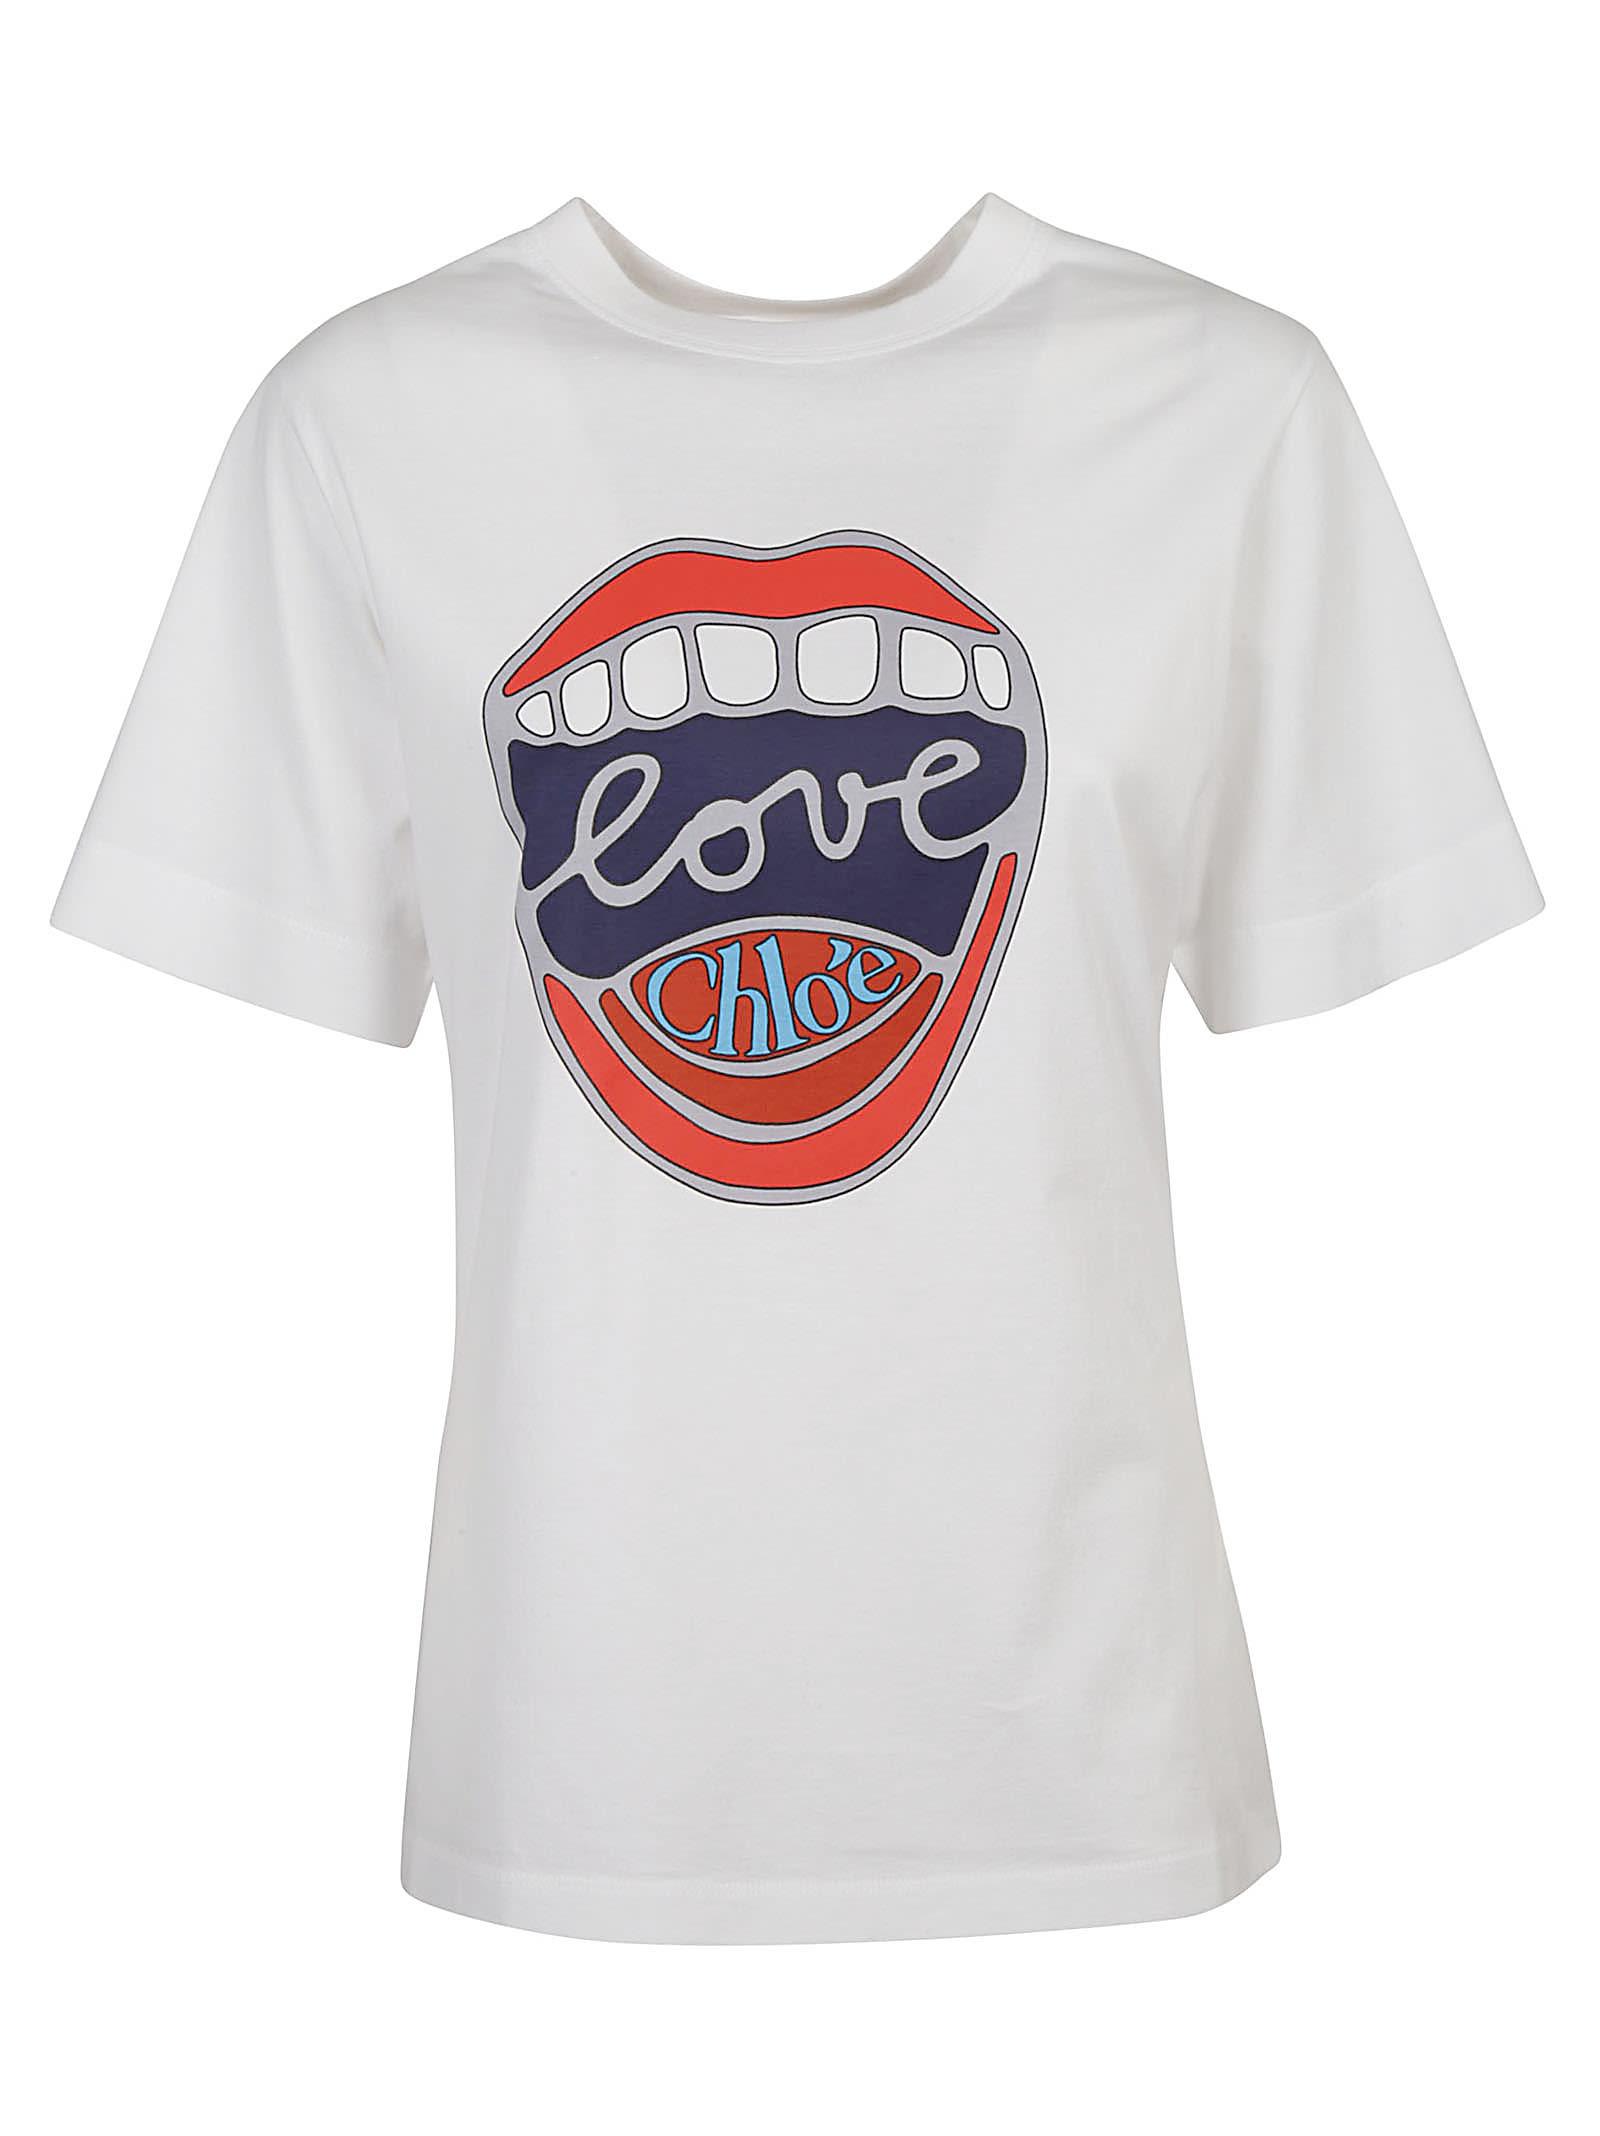 Chloé Cottons LOVE LOGO PRINT T-SHIRT